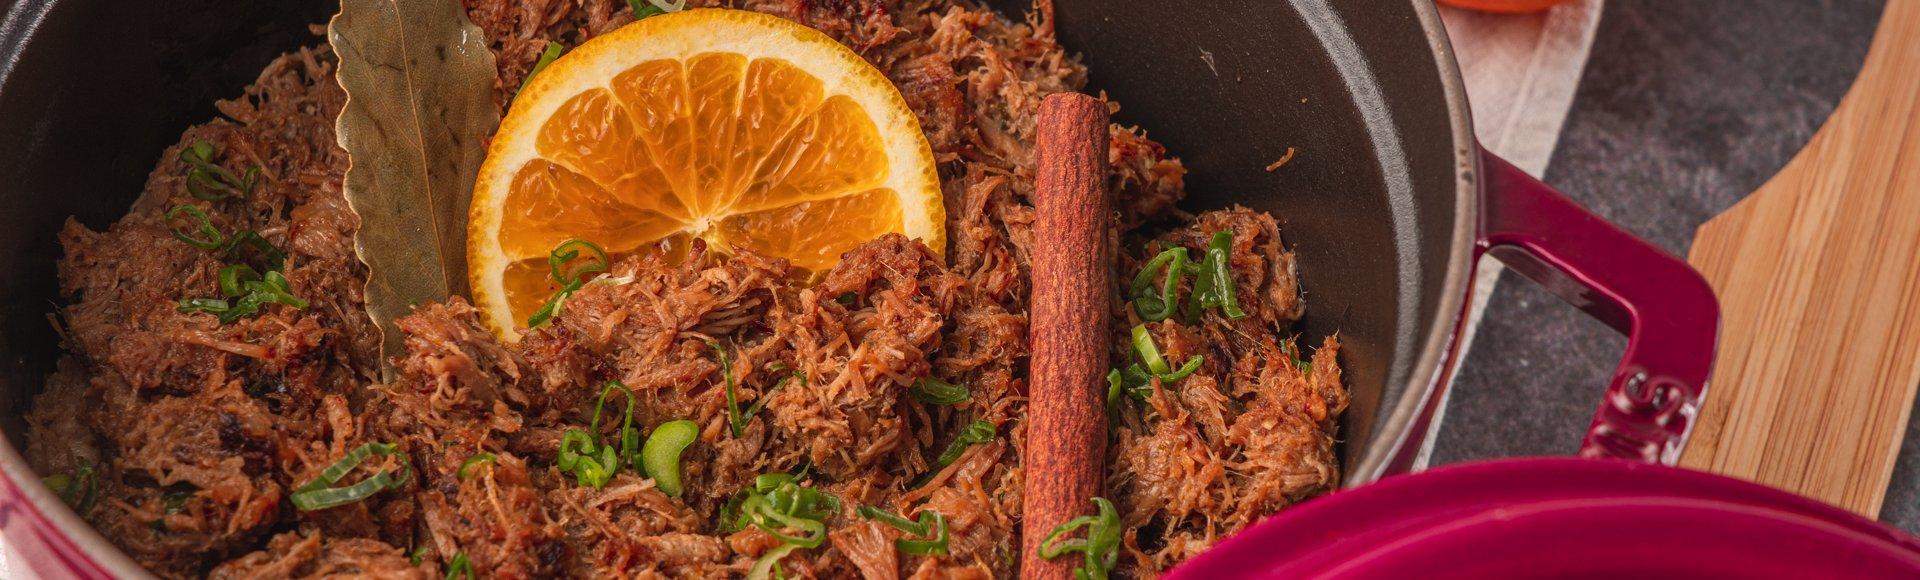 Σιγομαγειρεμένο χοιρινό με πορτοκάλι και μπαχαρικά